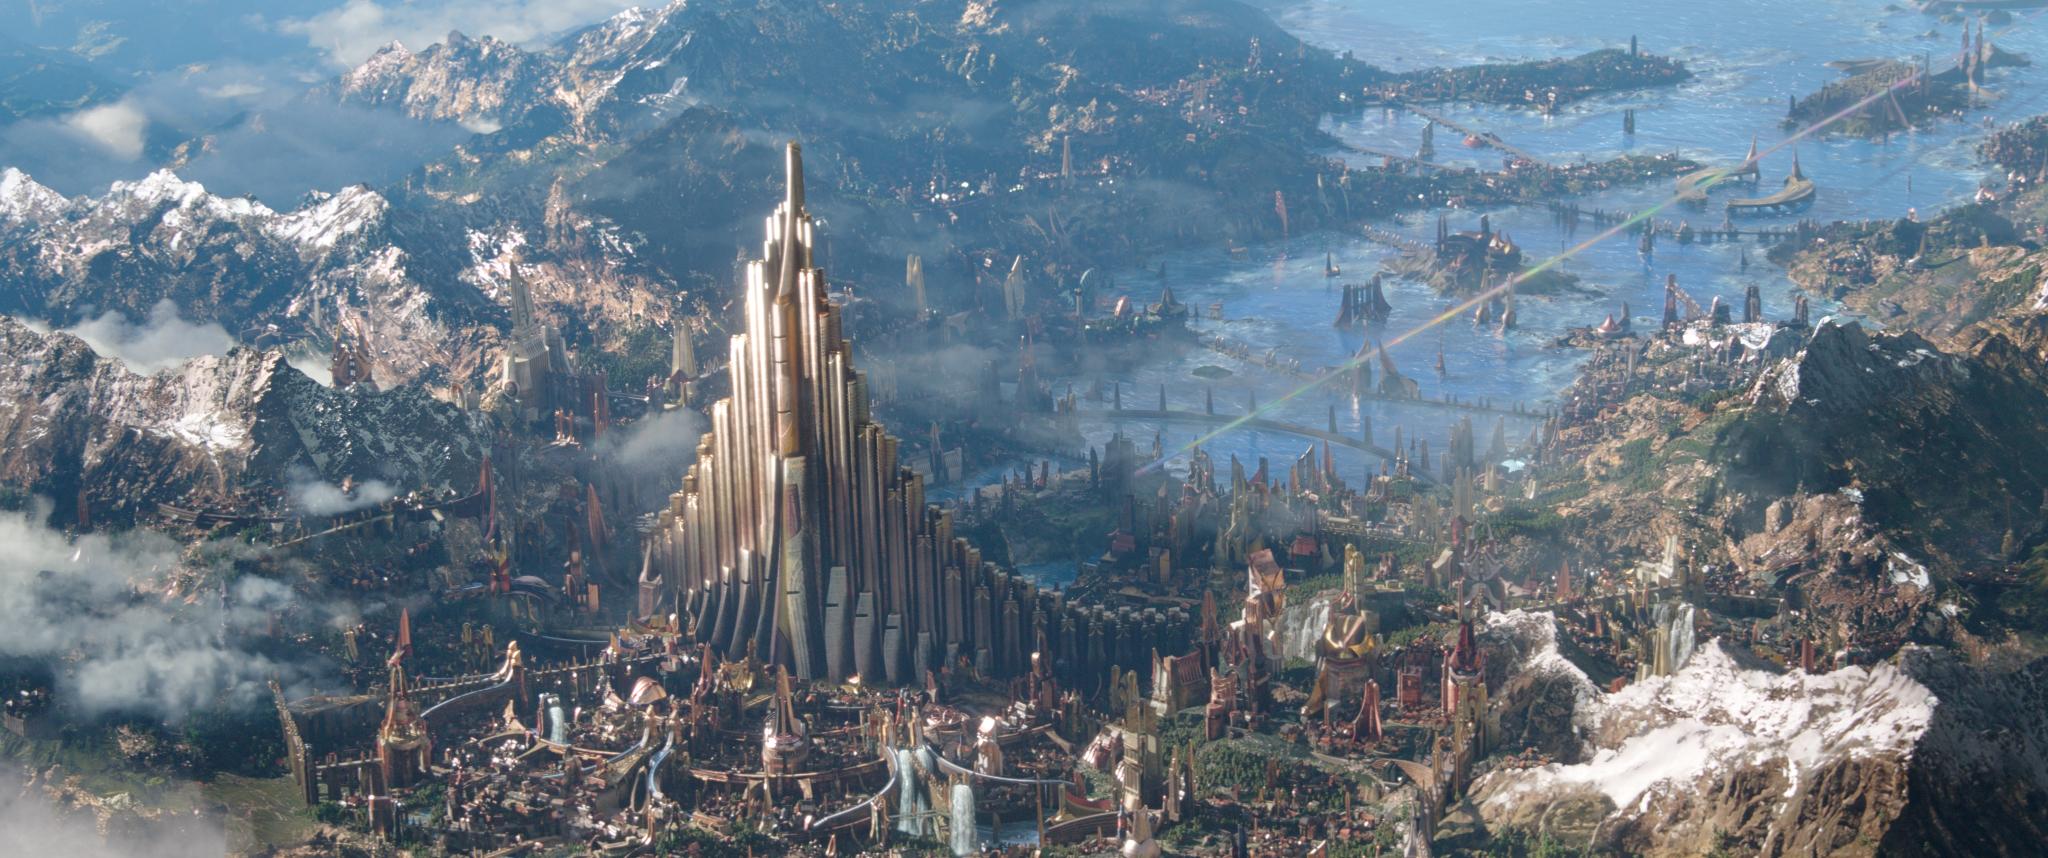 Vista panorâmica do reino de Asgard, no filme Thor: Ragnarok